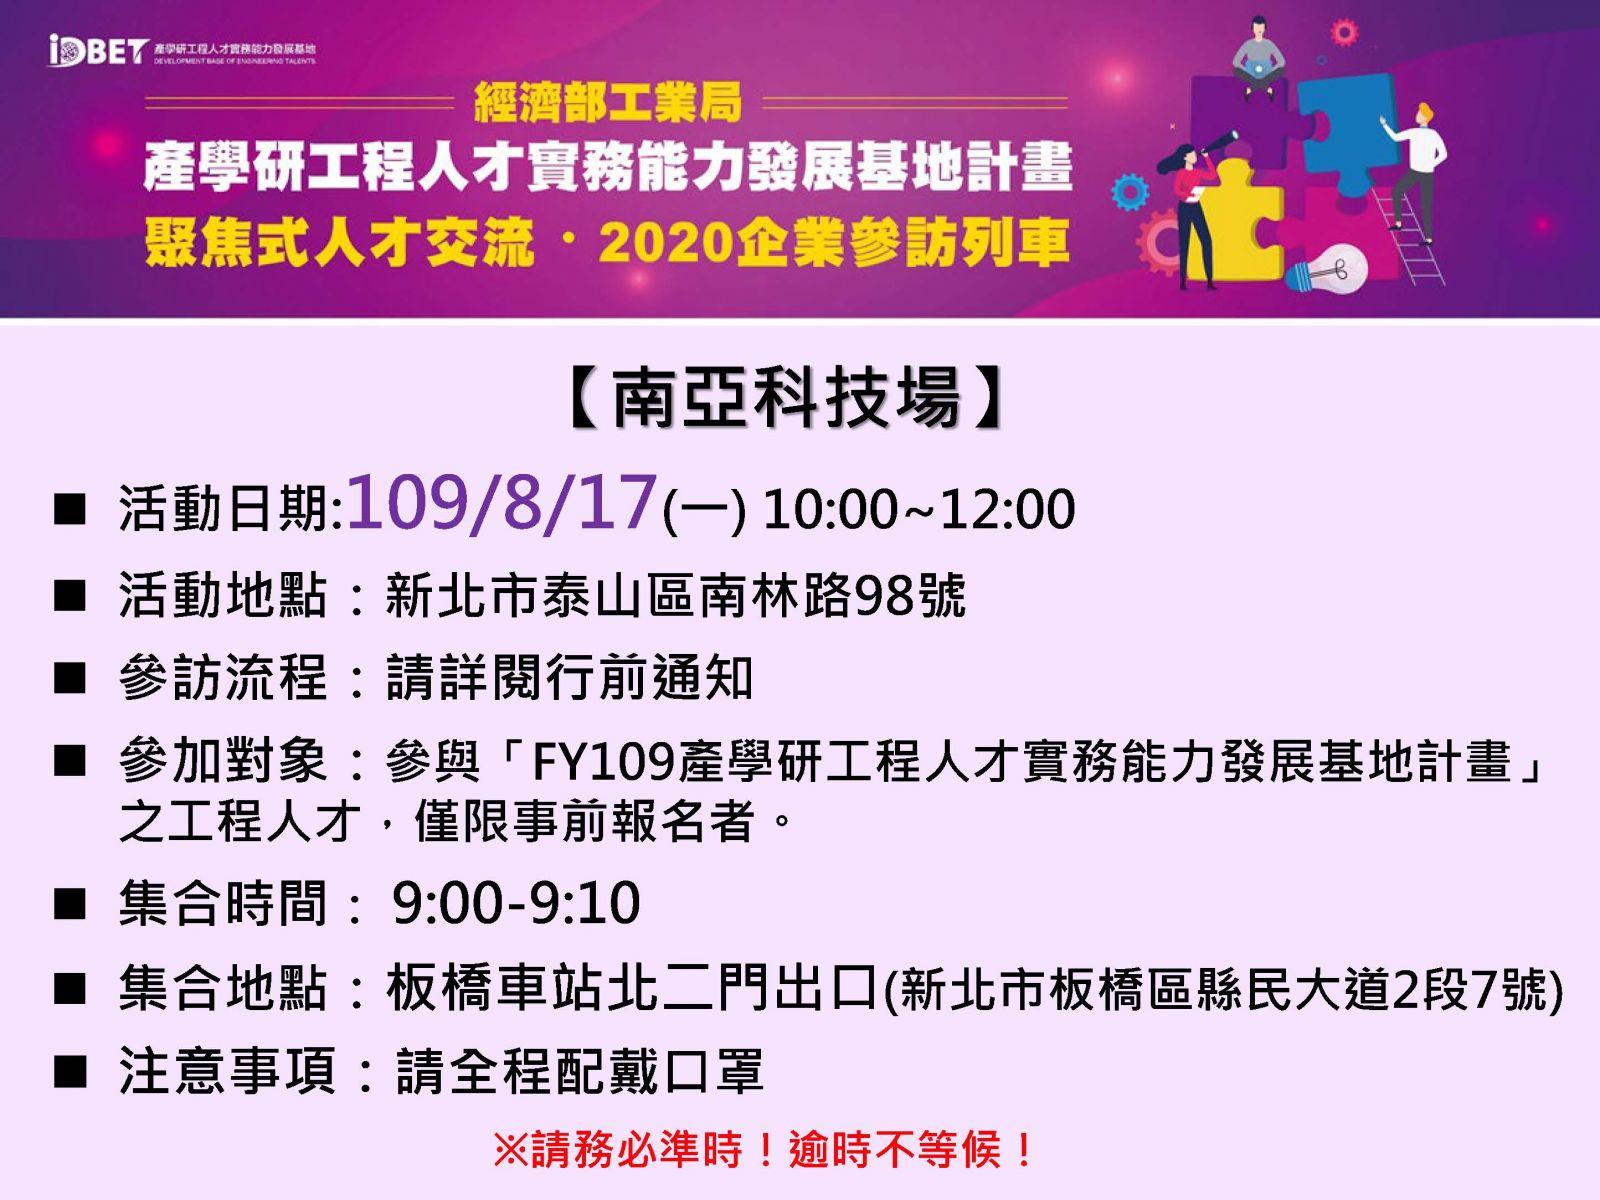 109/8/17 聚焦式人才交流 2020企業參訪列車-南亞科技場